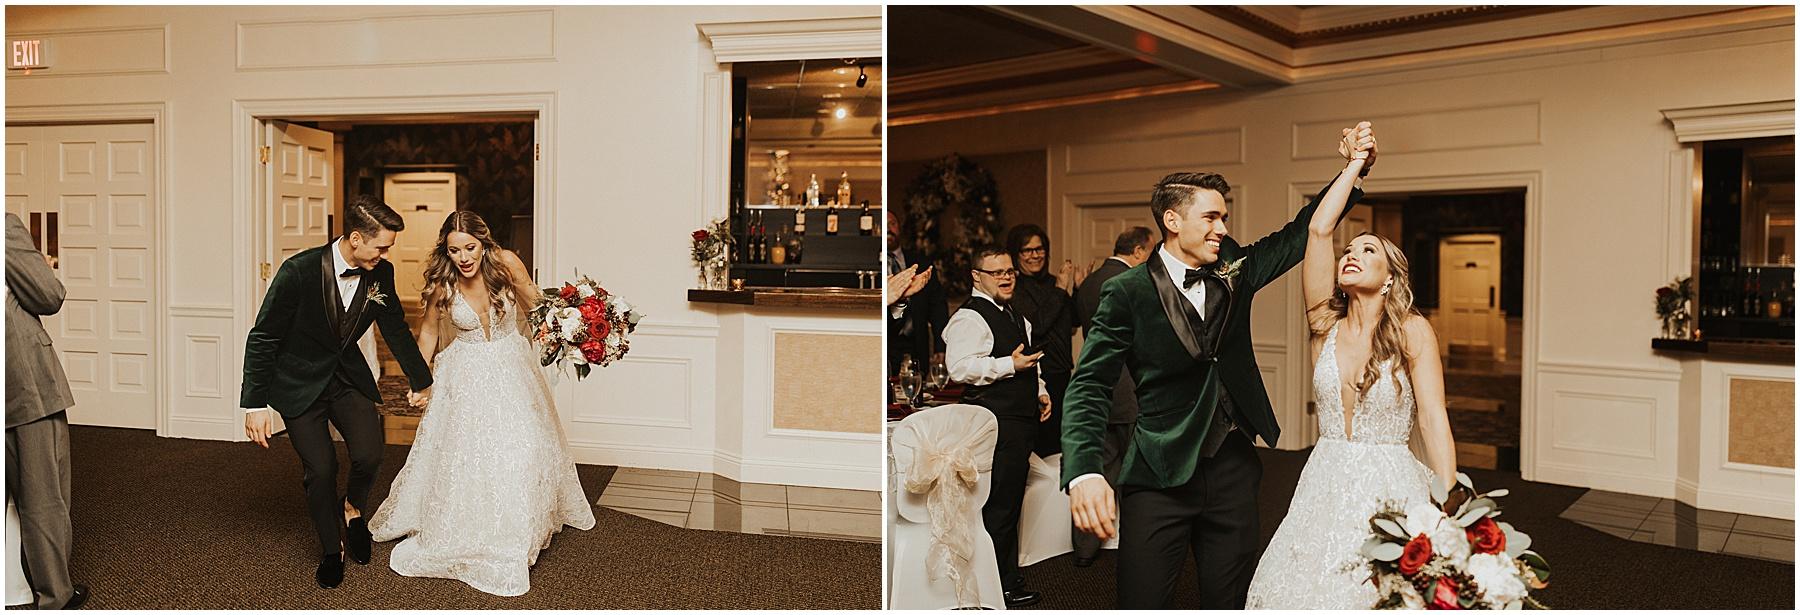 Christmas Wedding in Ohio_0327.jpg